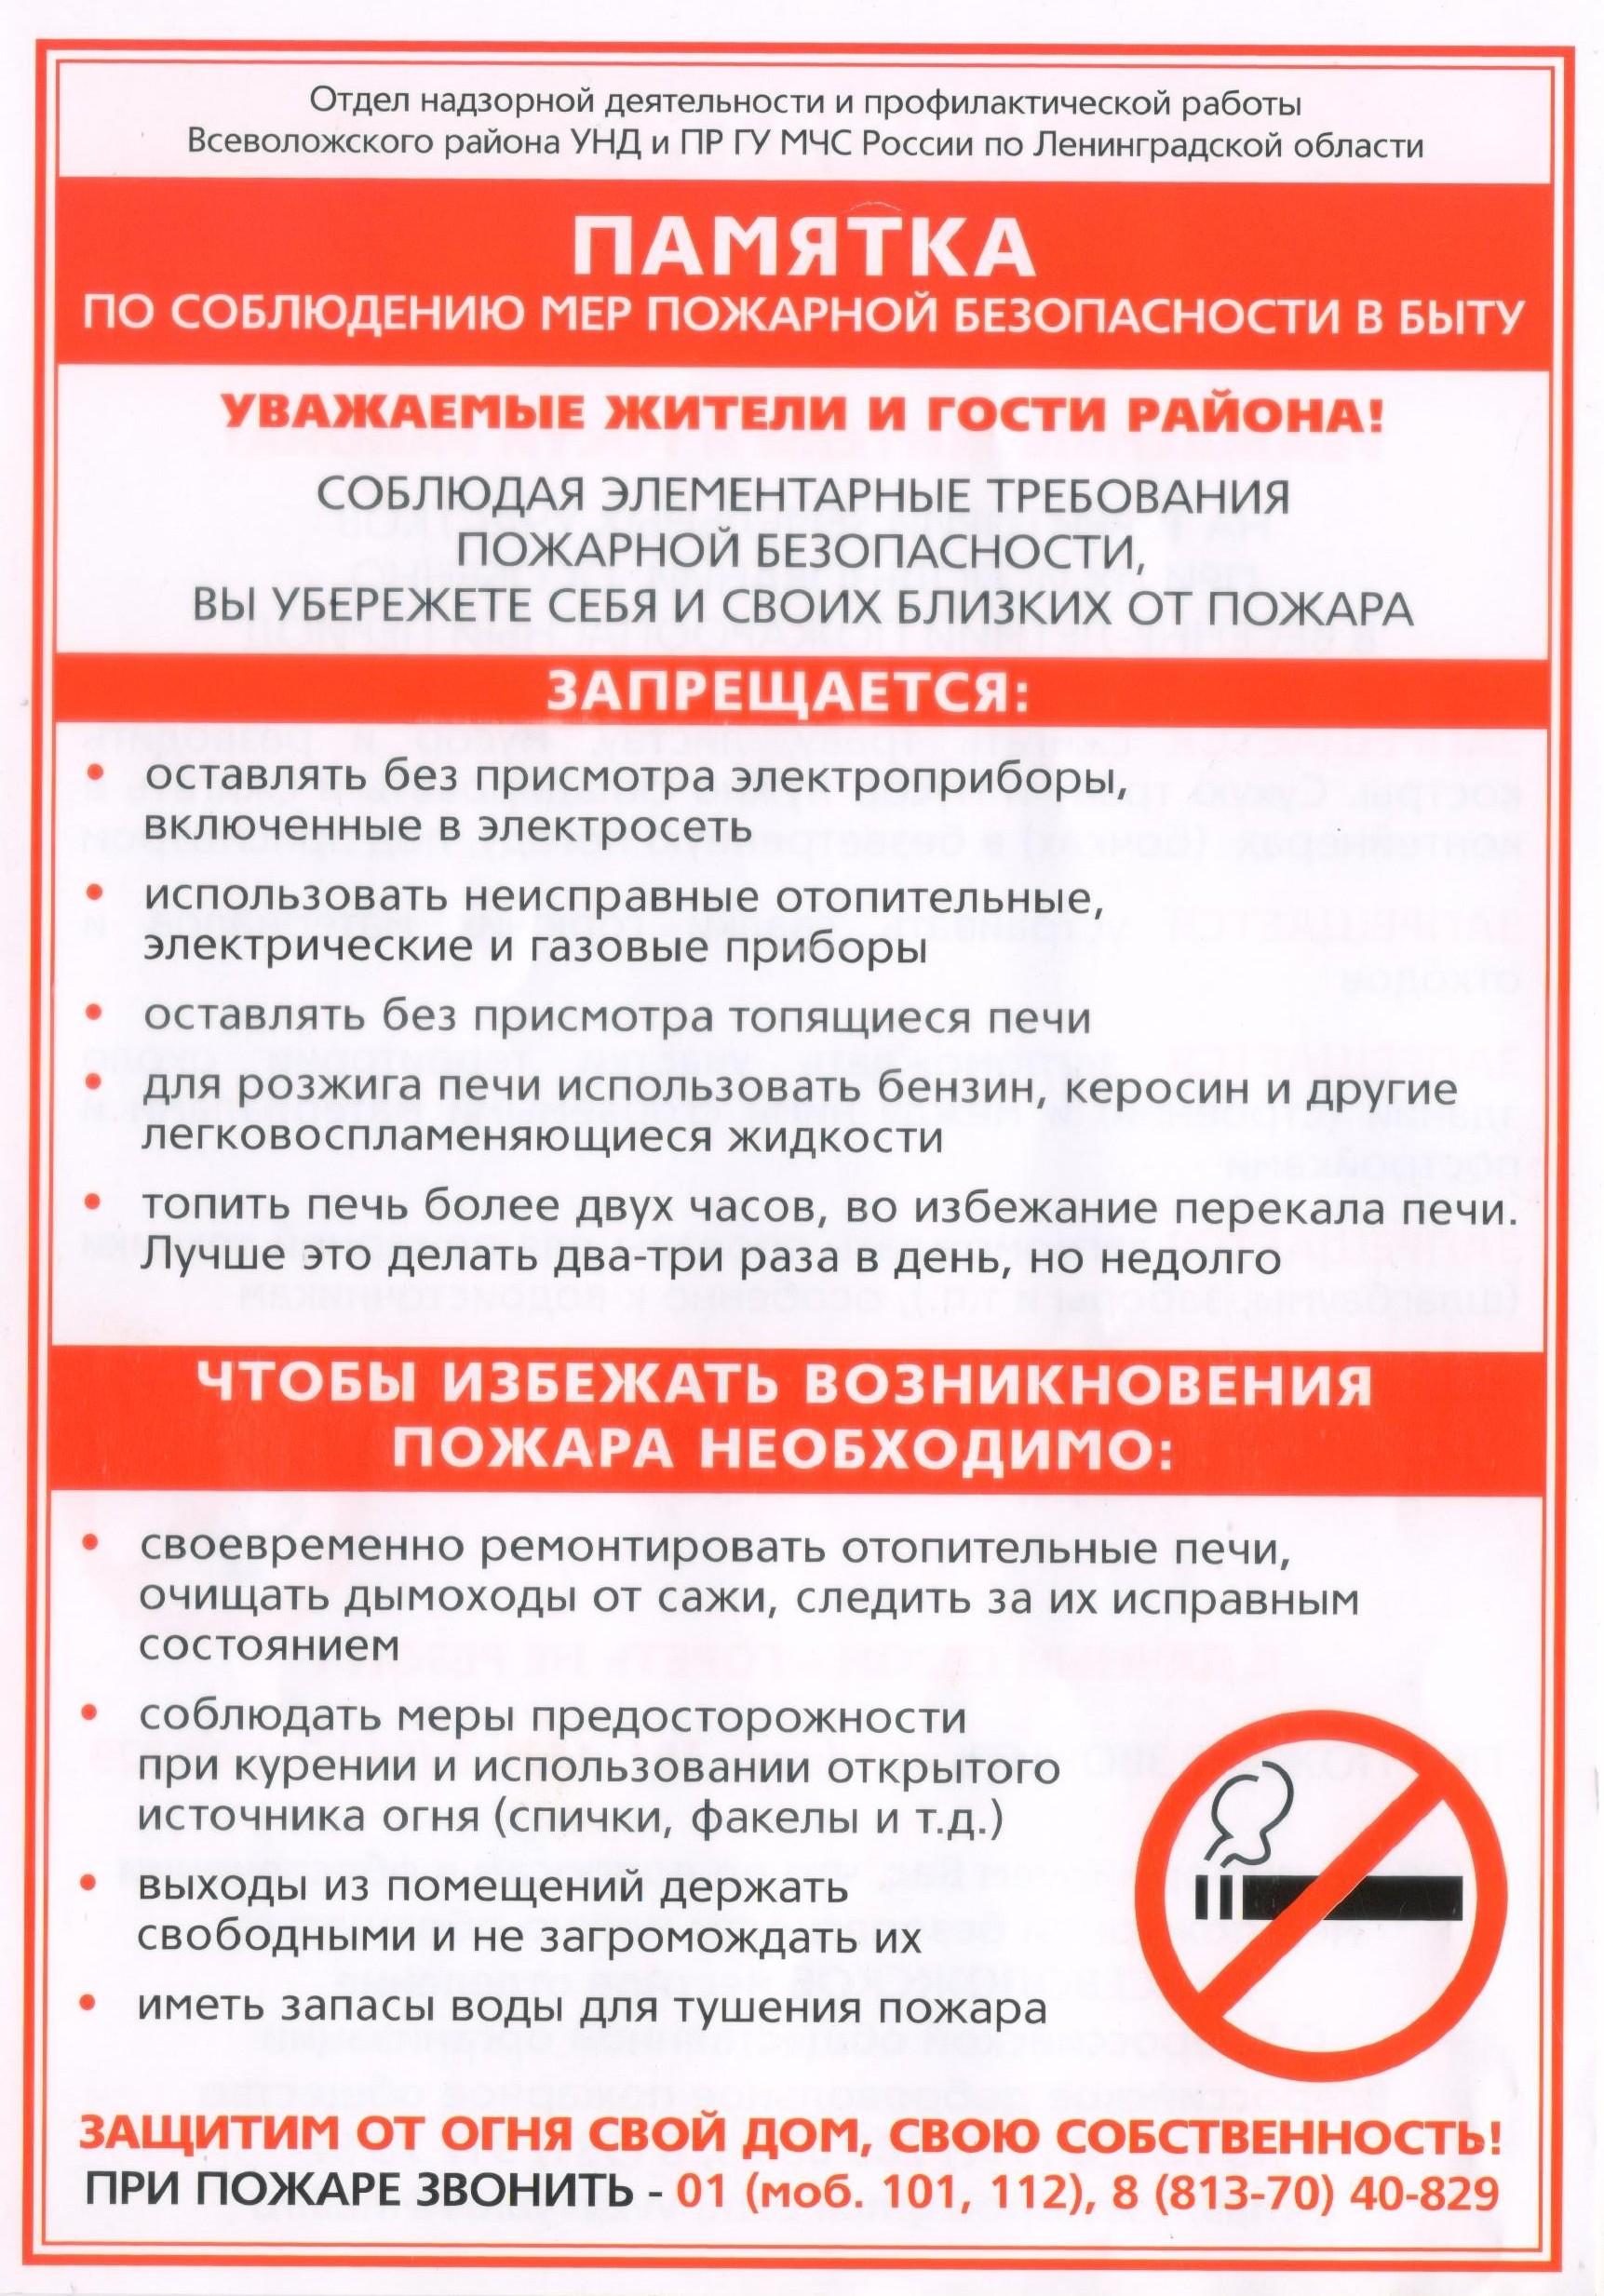 Требования к дымоходу пожарная безопасность дымоходы двусторонние